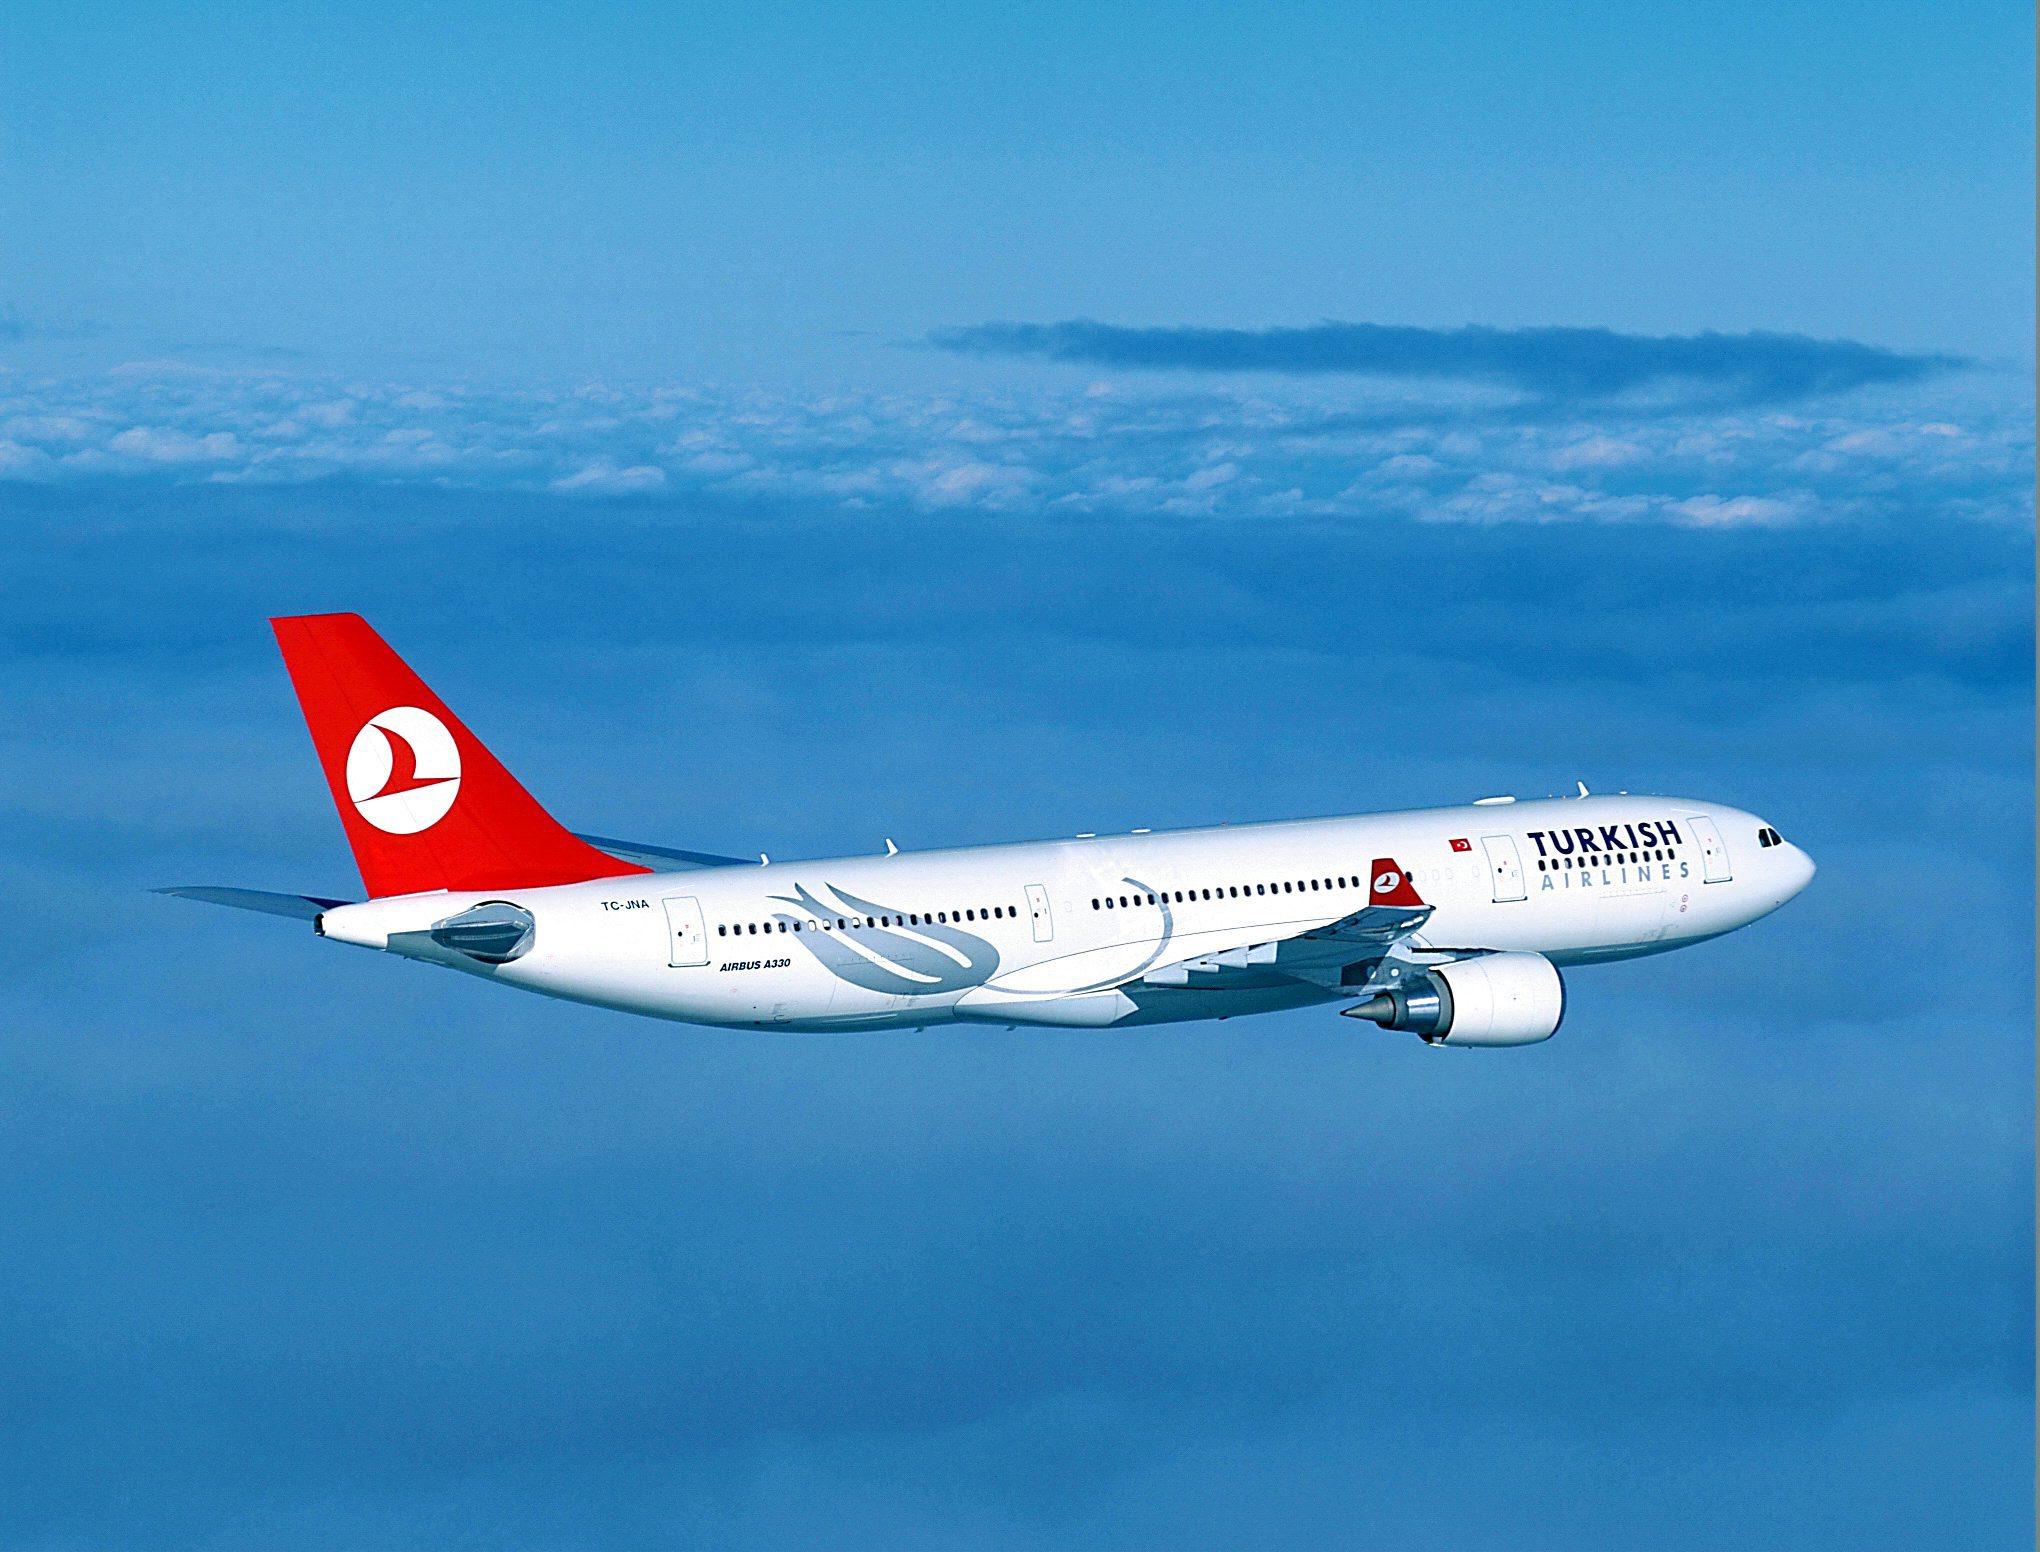 Стюардесса по имени caribbean airlines смотреть онлайн смотреть 5 фотография